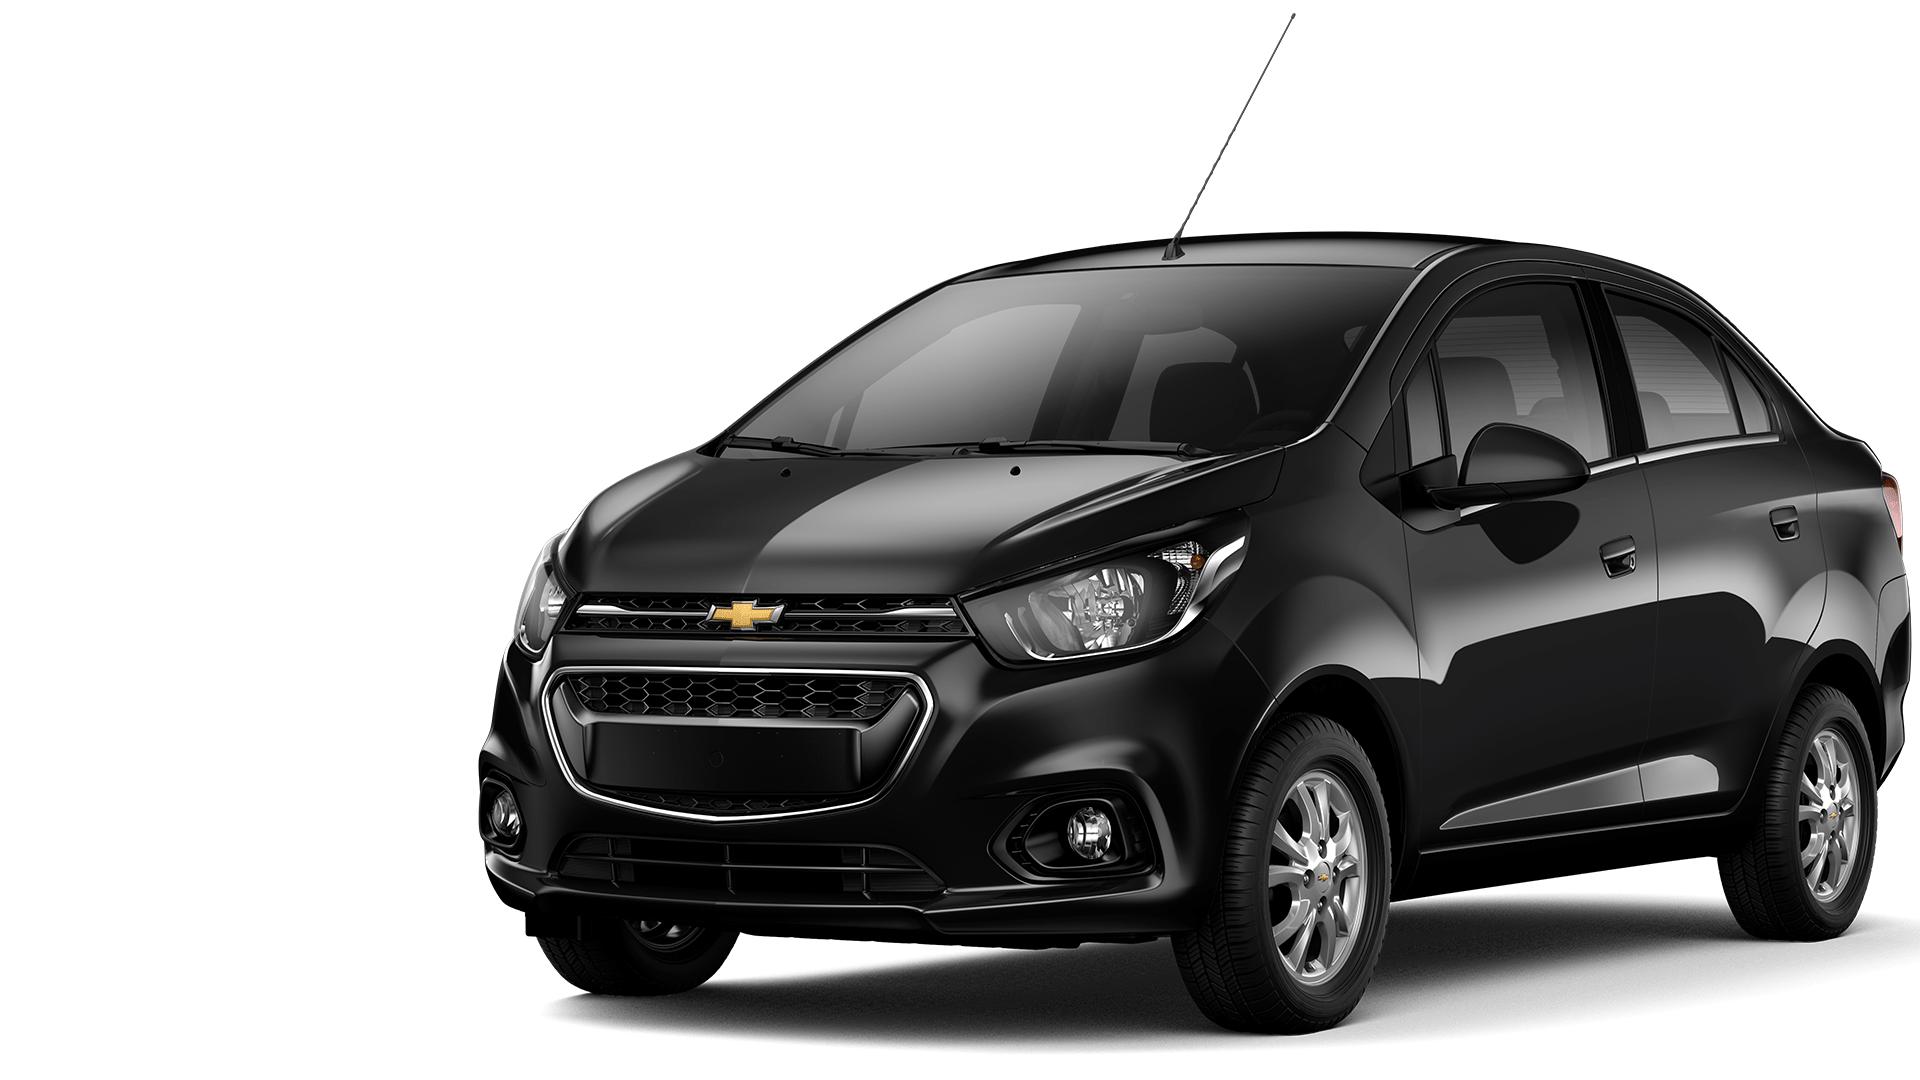 Foto de vehículo